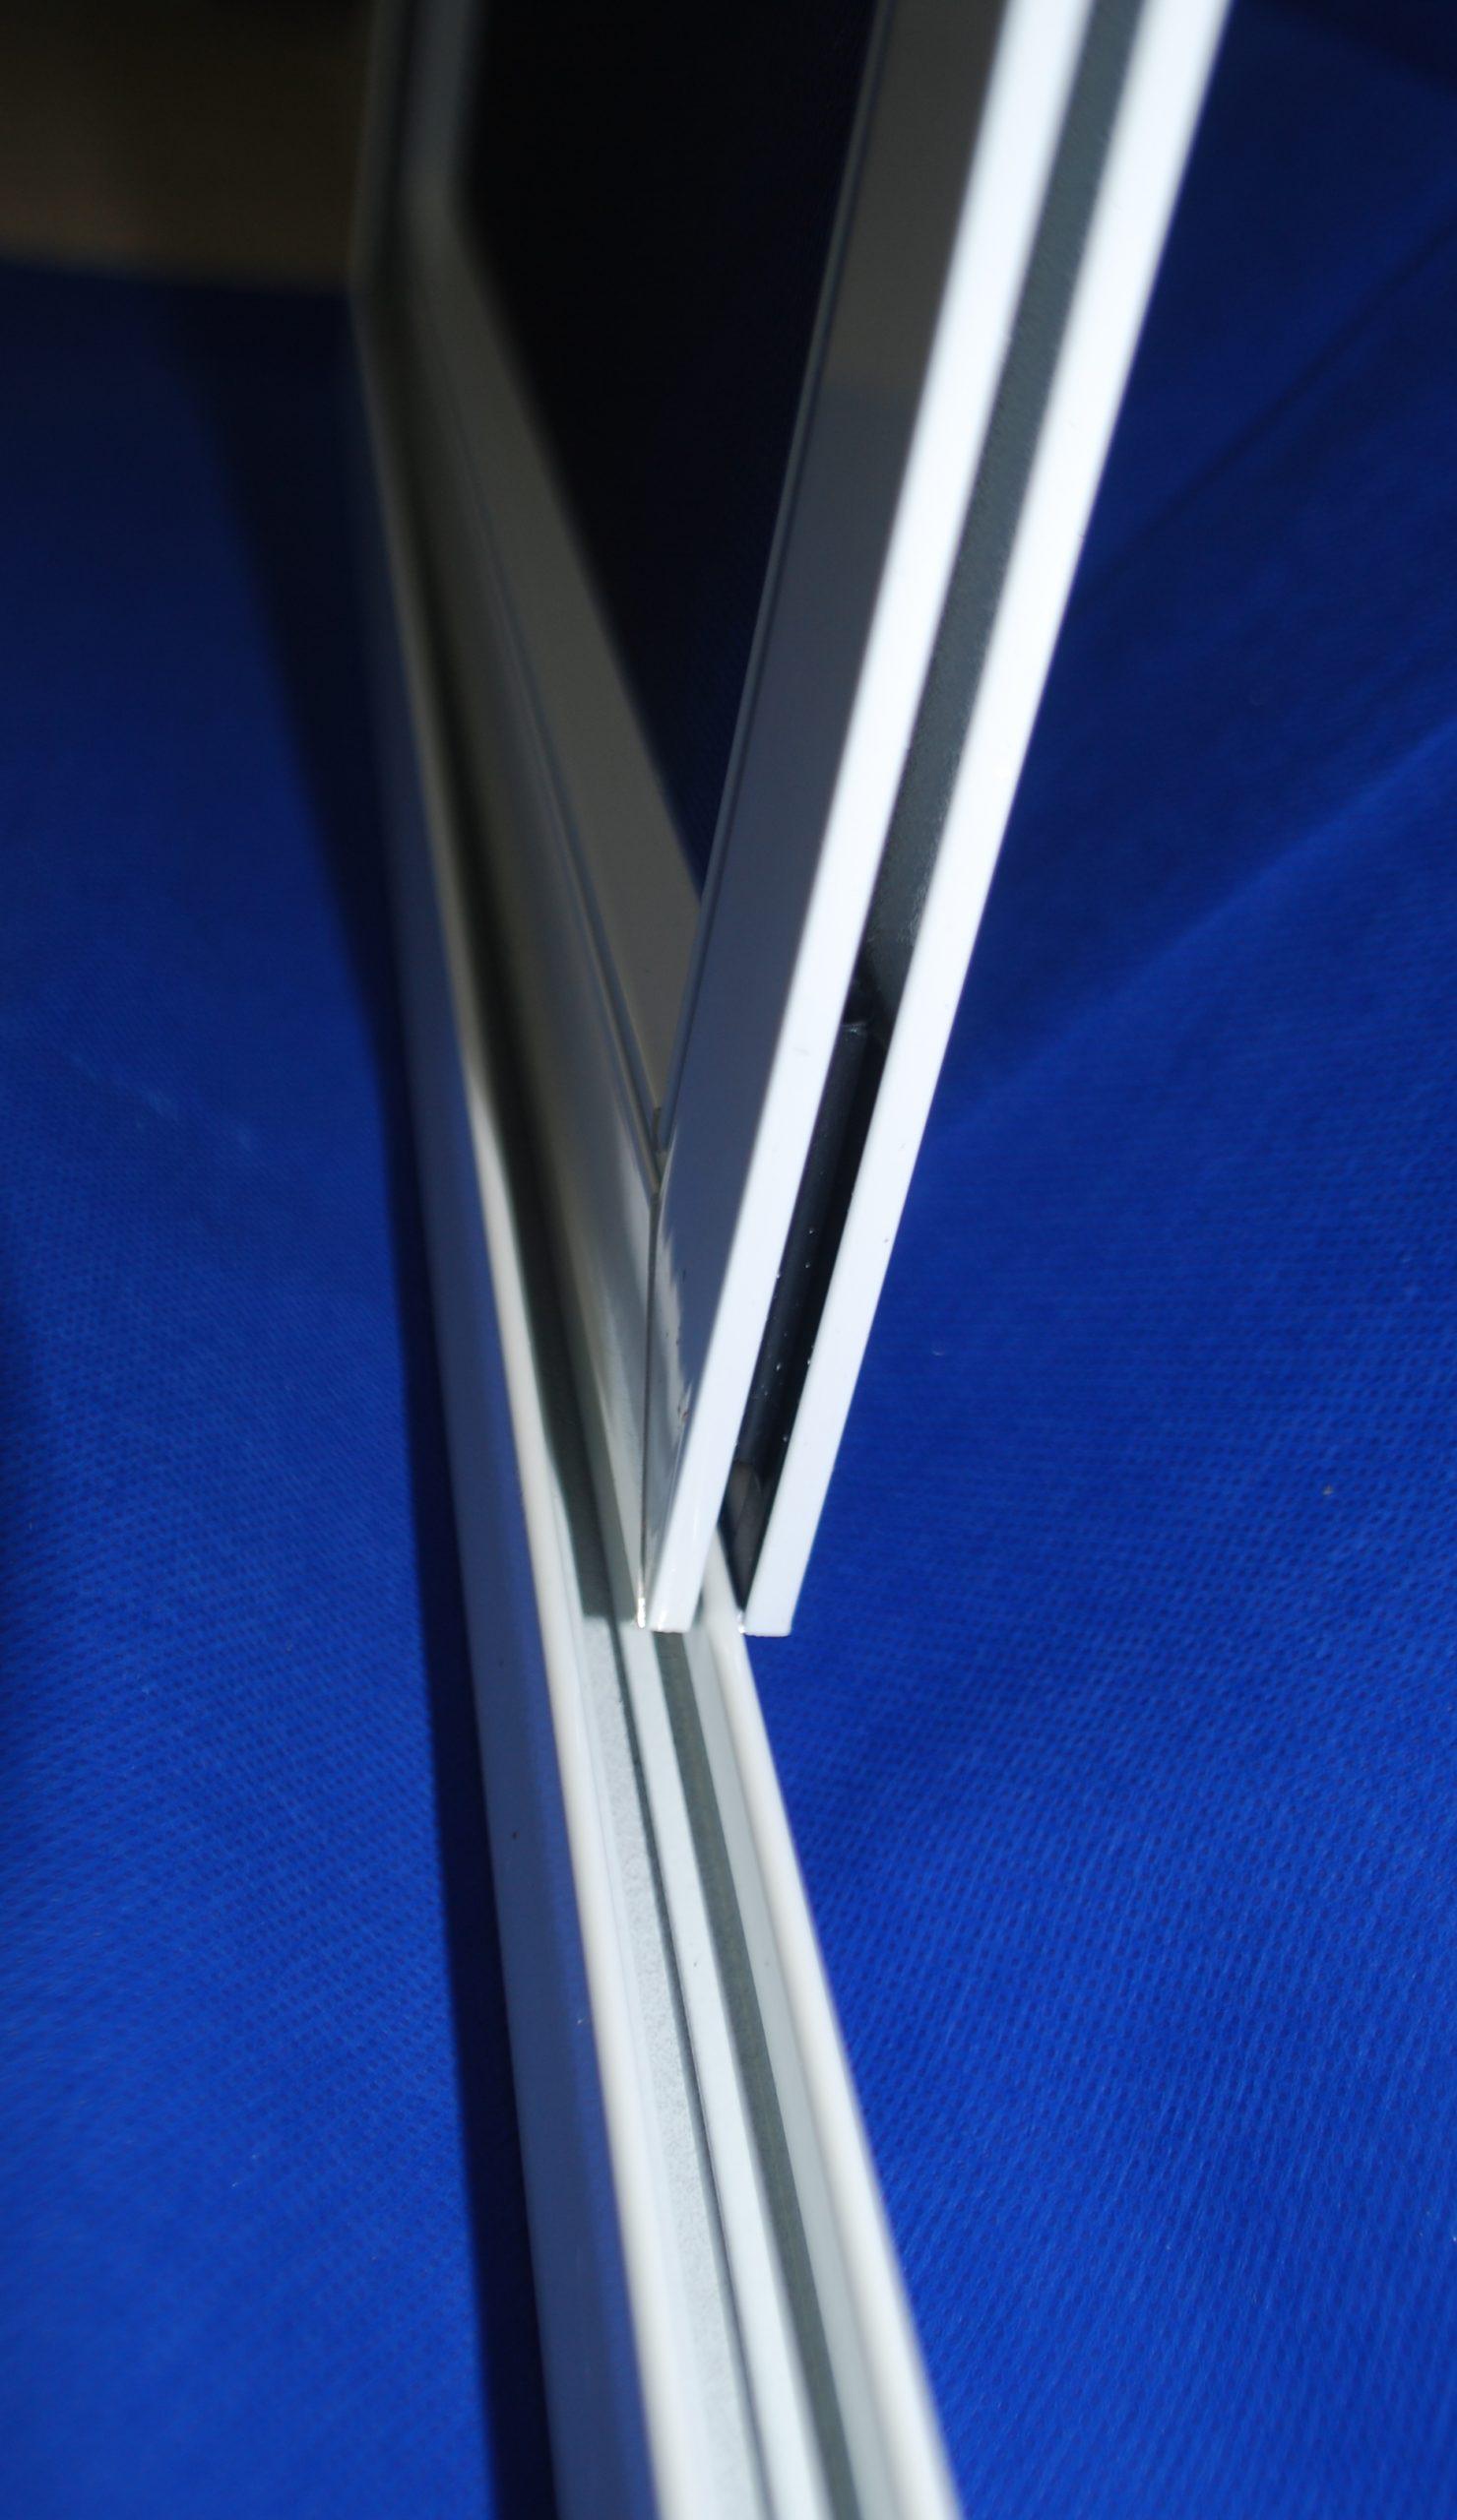 Slim sliding fly screen frame